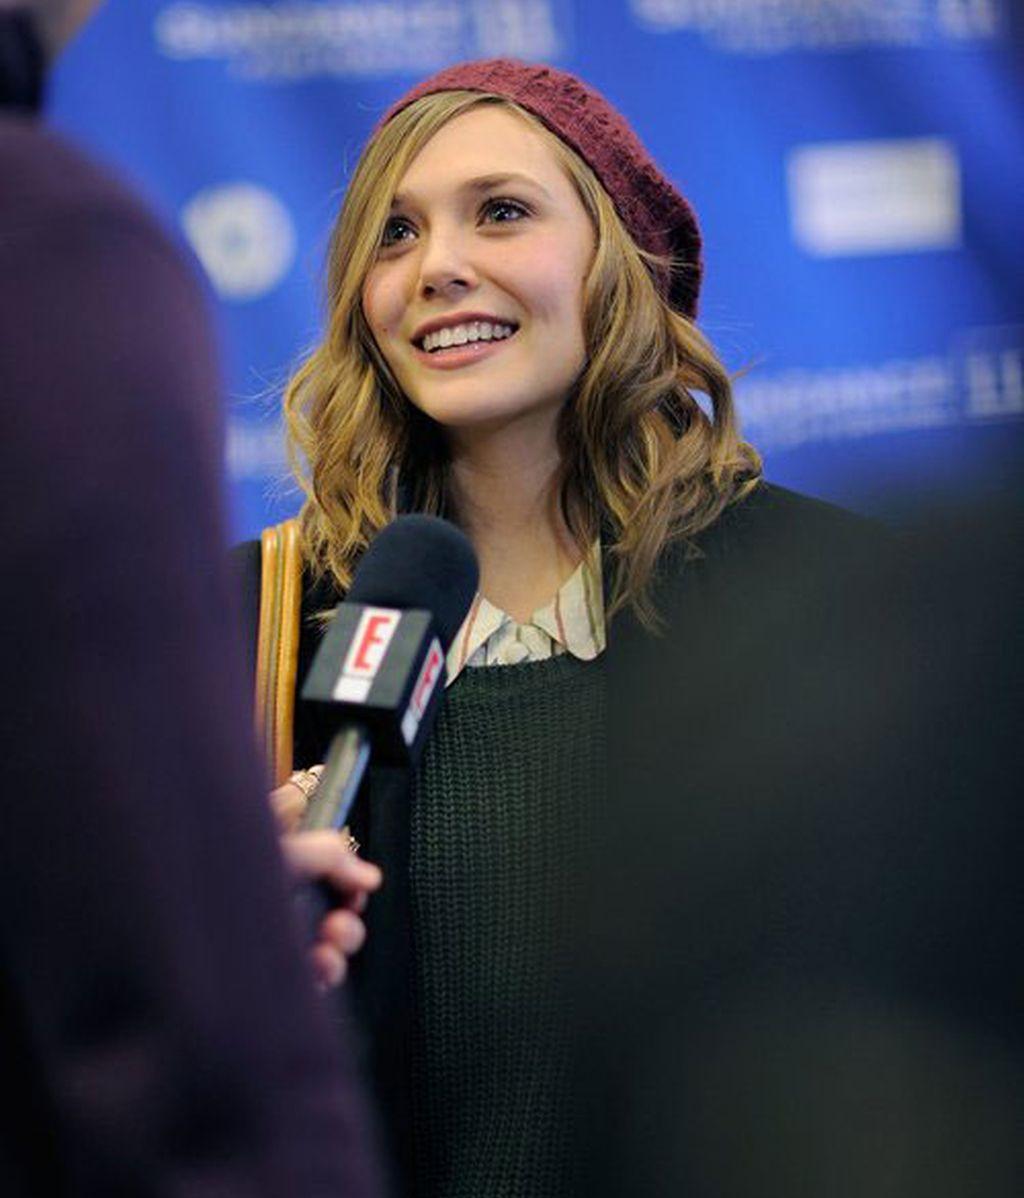 La hermana indie de las Olsen acude a Sundance